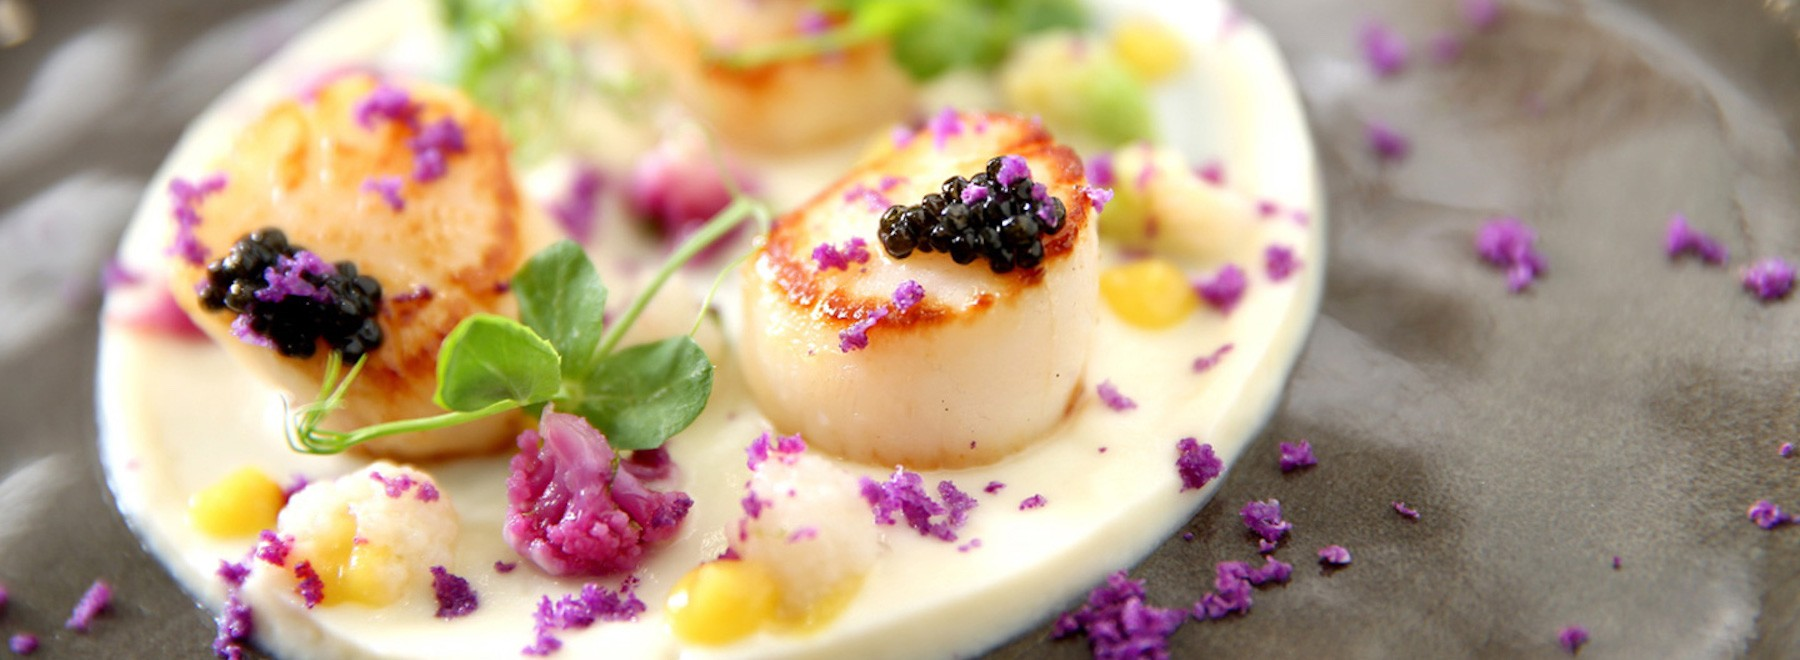 Michelin Star Restaurants In Lisbon 2019 Updated 2019